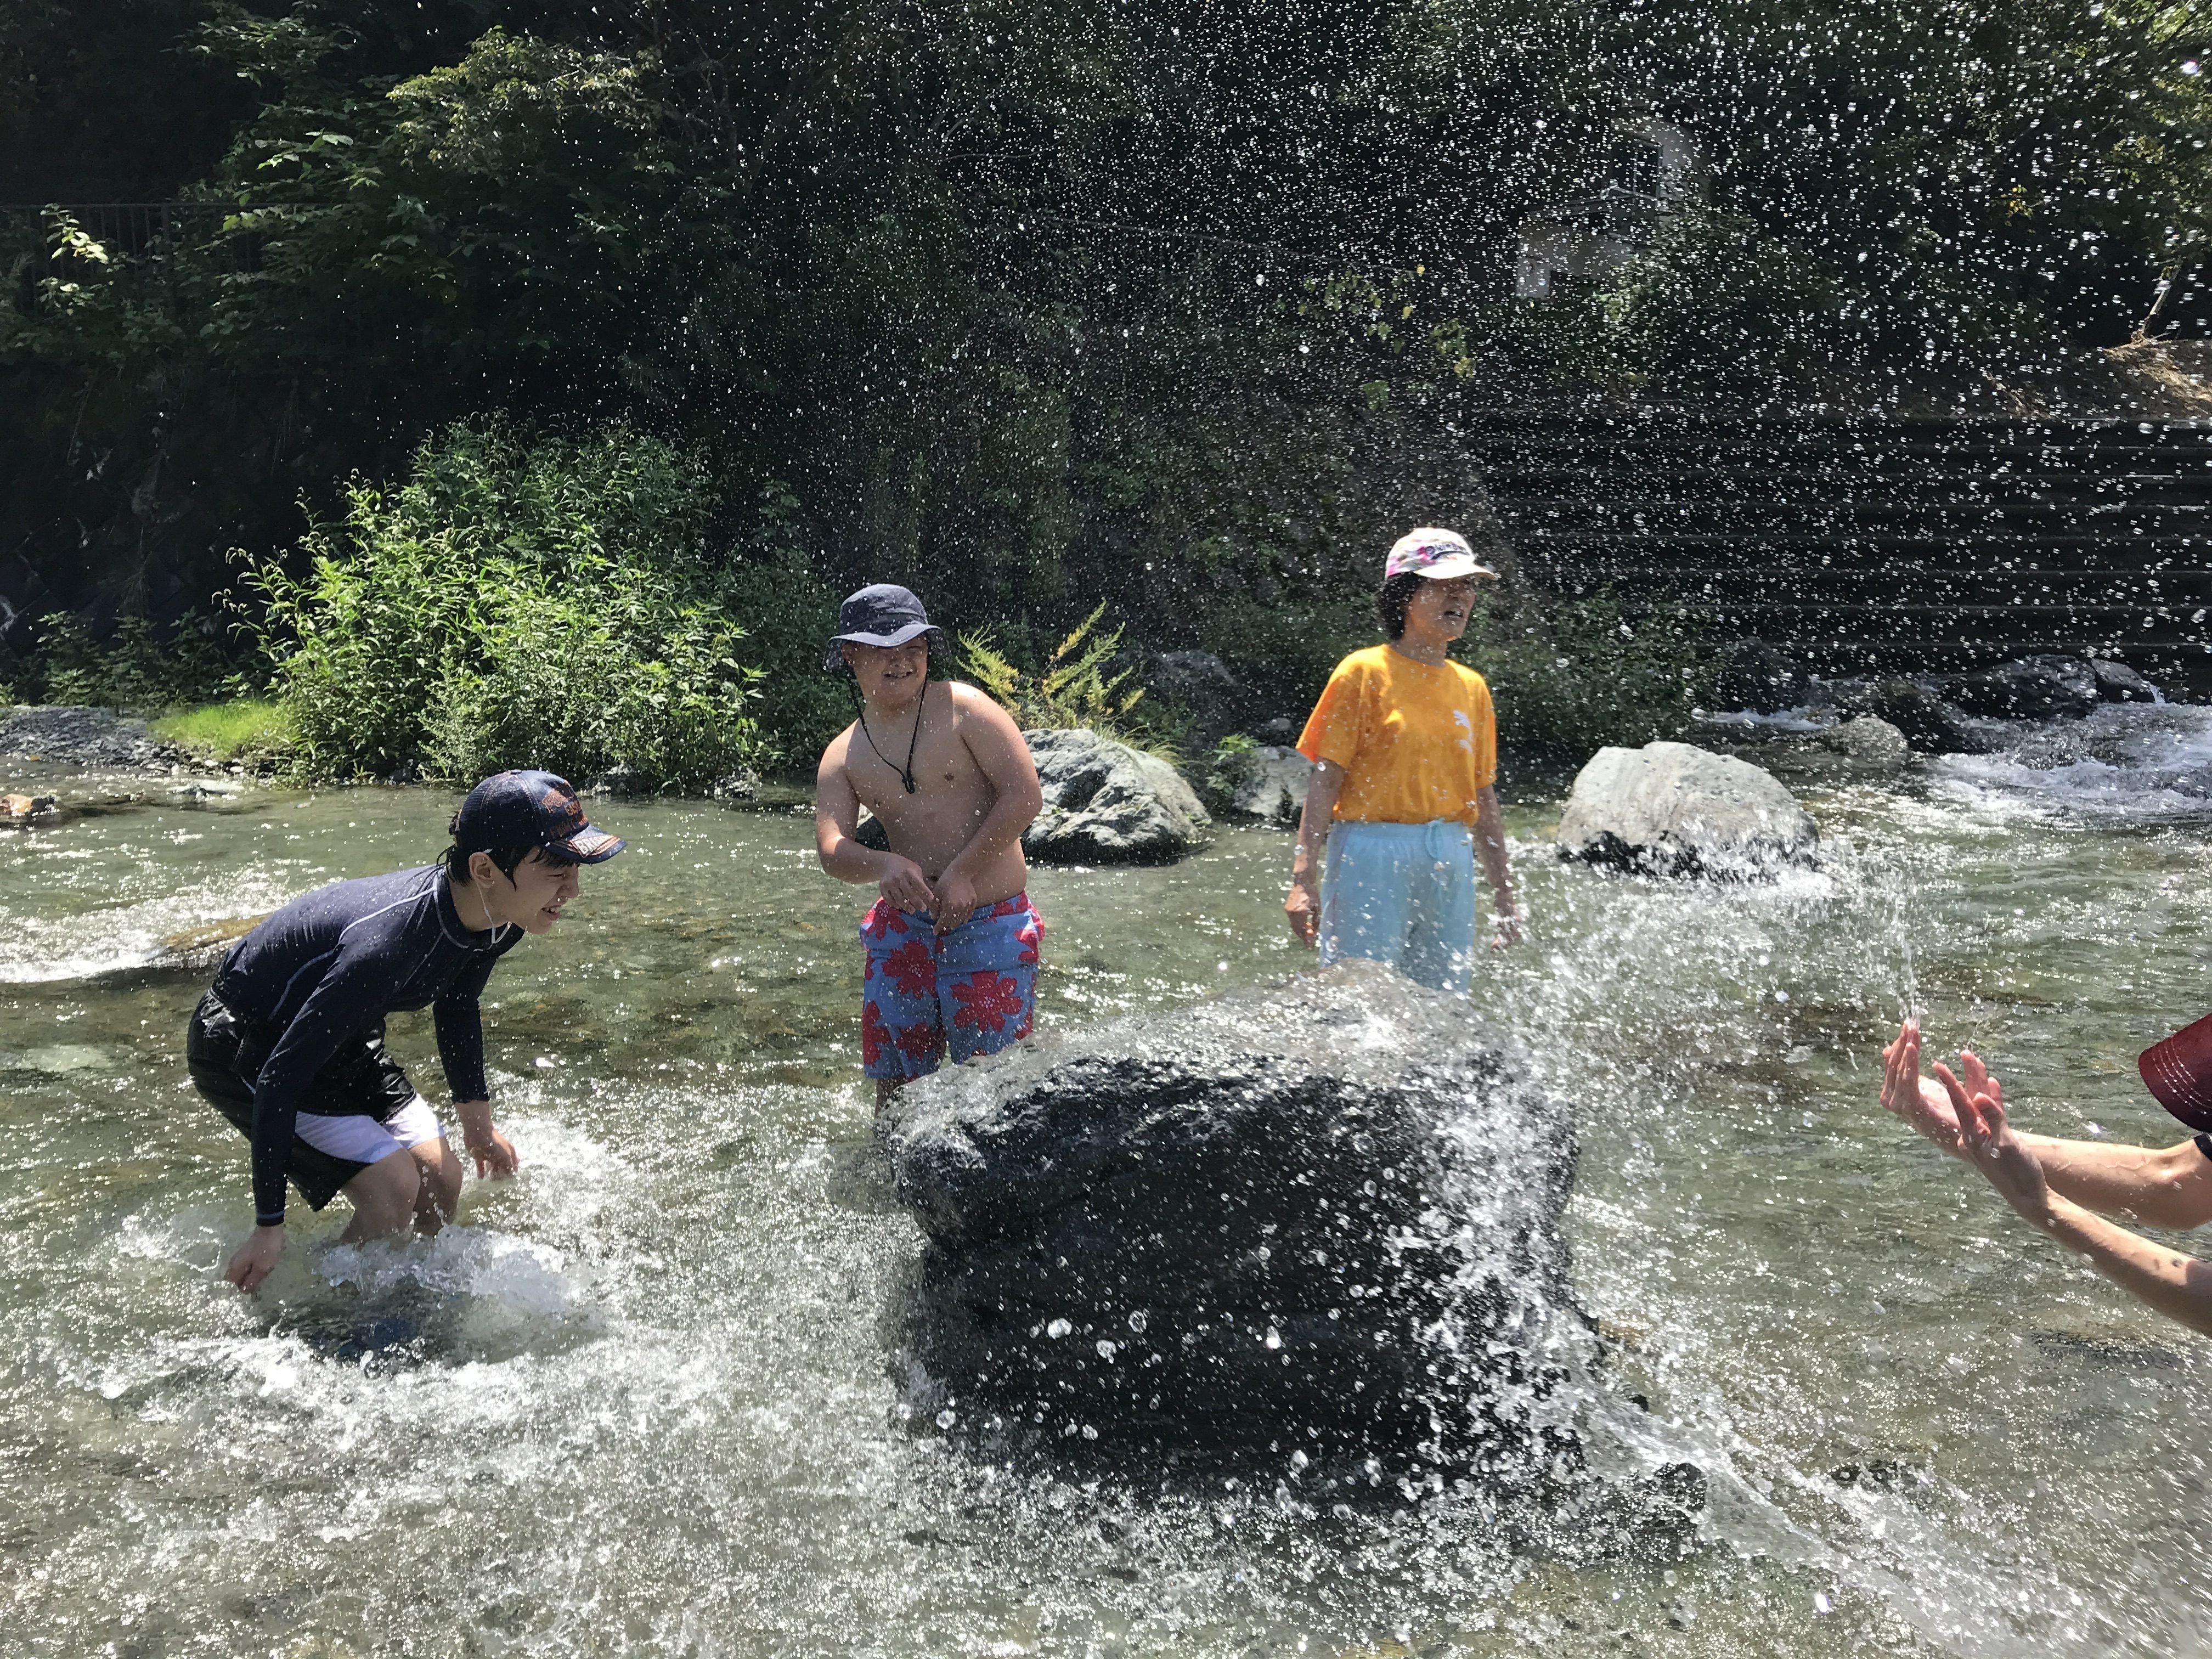 夏の思い出 川遊び 水のかけあいに夢中です。